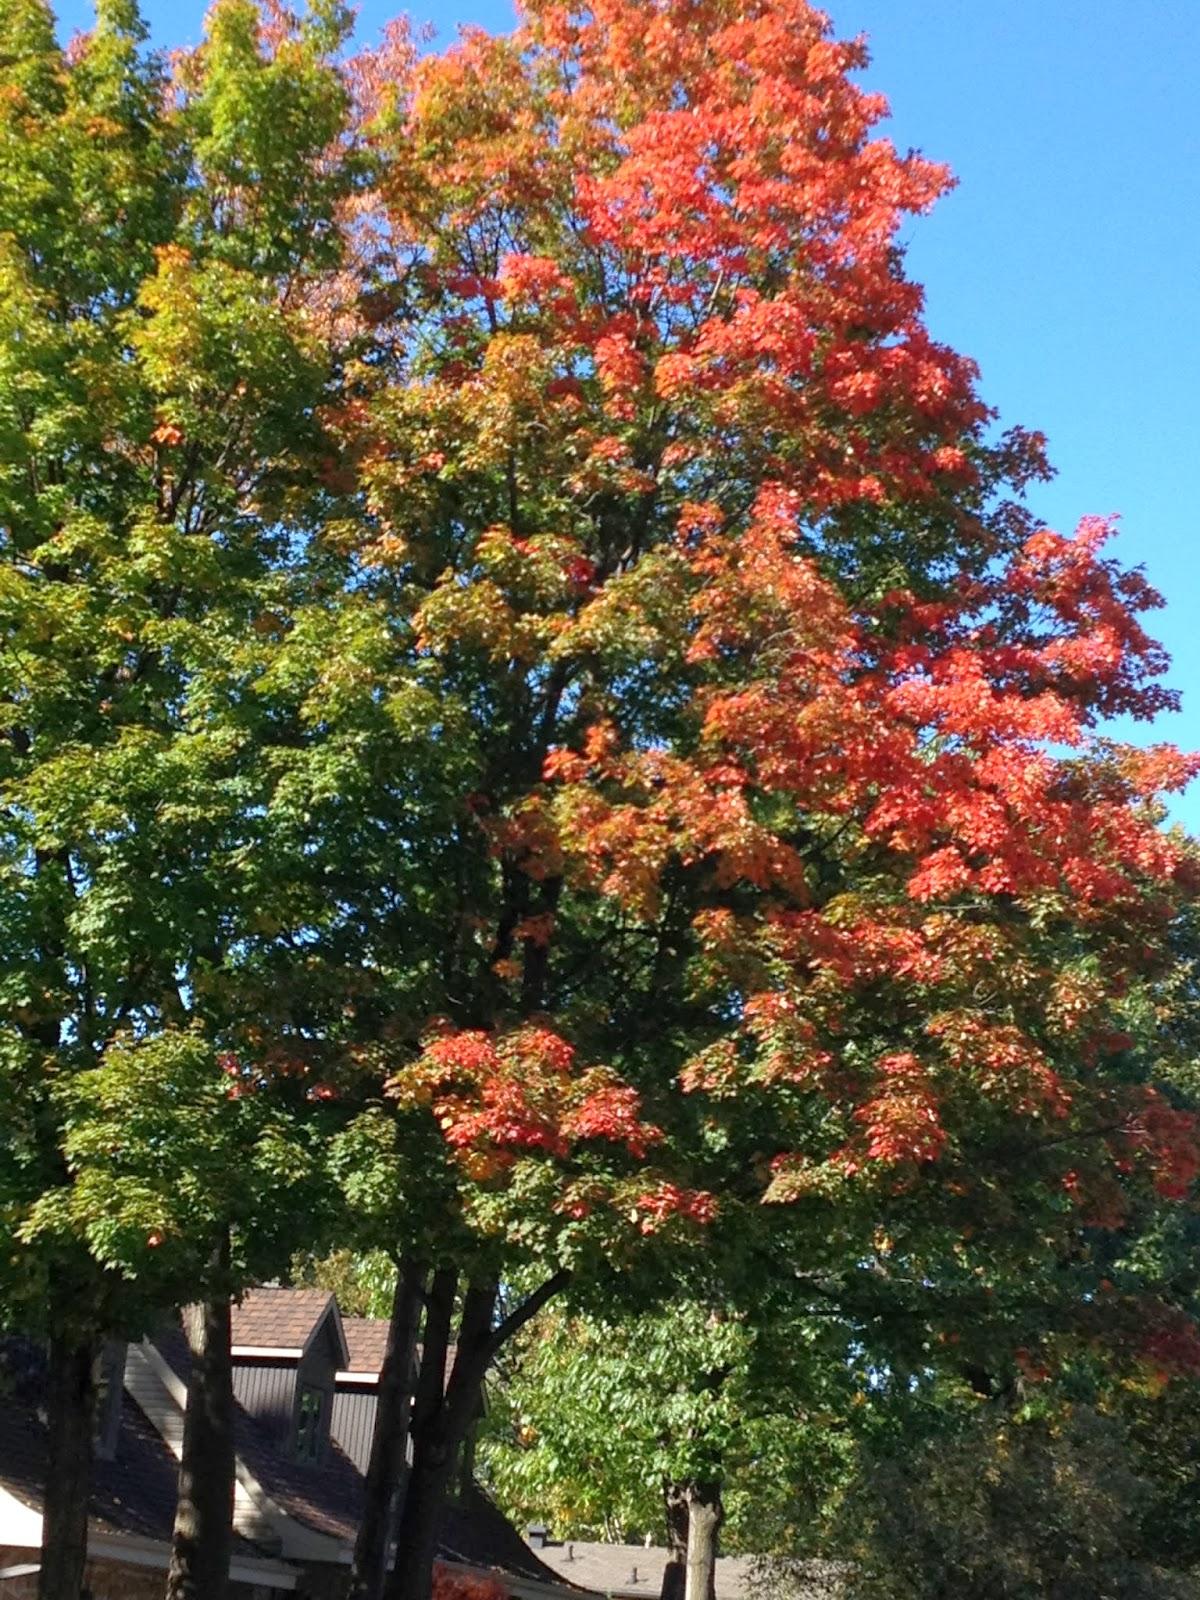 Keats Autumn: Wisdom For Women: Autumn Poem By John Keats, 1819